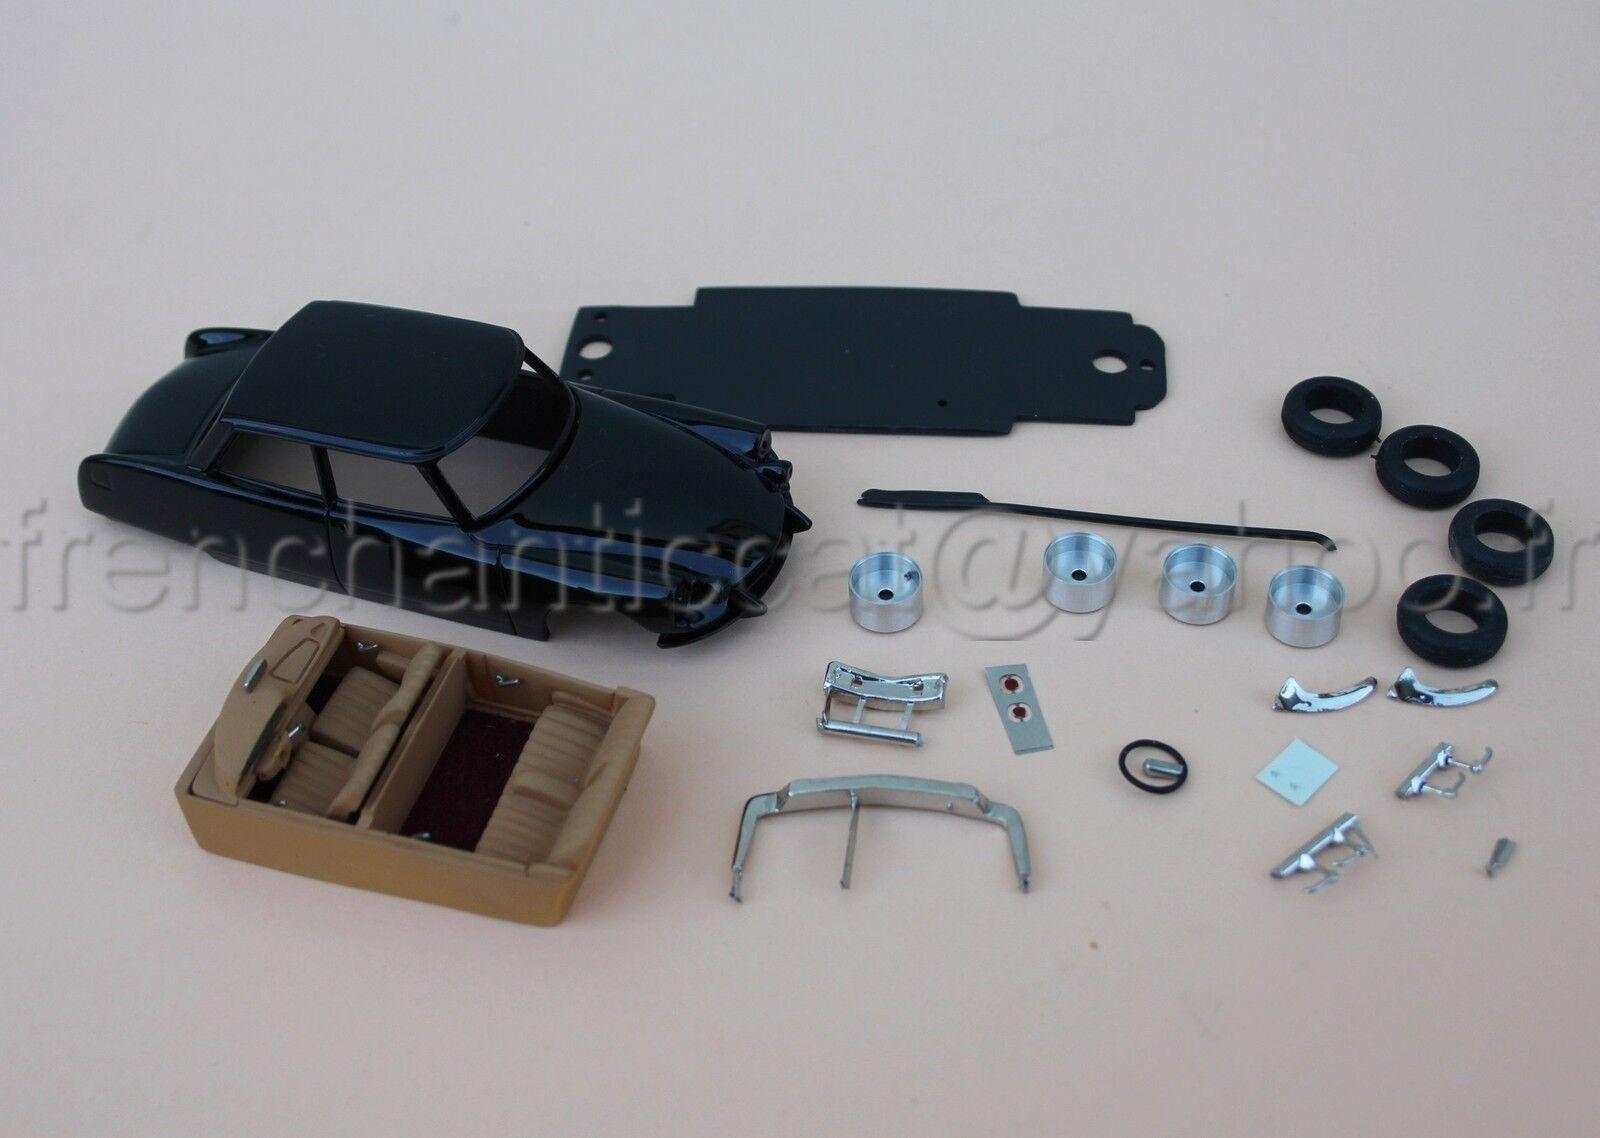 IG Rare voiture Citroën DS Majesty berline  Chapron 21 1 43 Heco miniature noir  vente d'usine en ligne discount